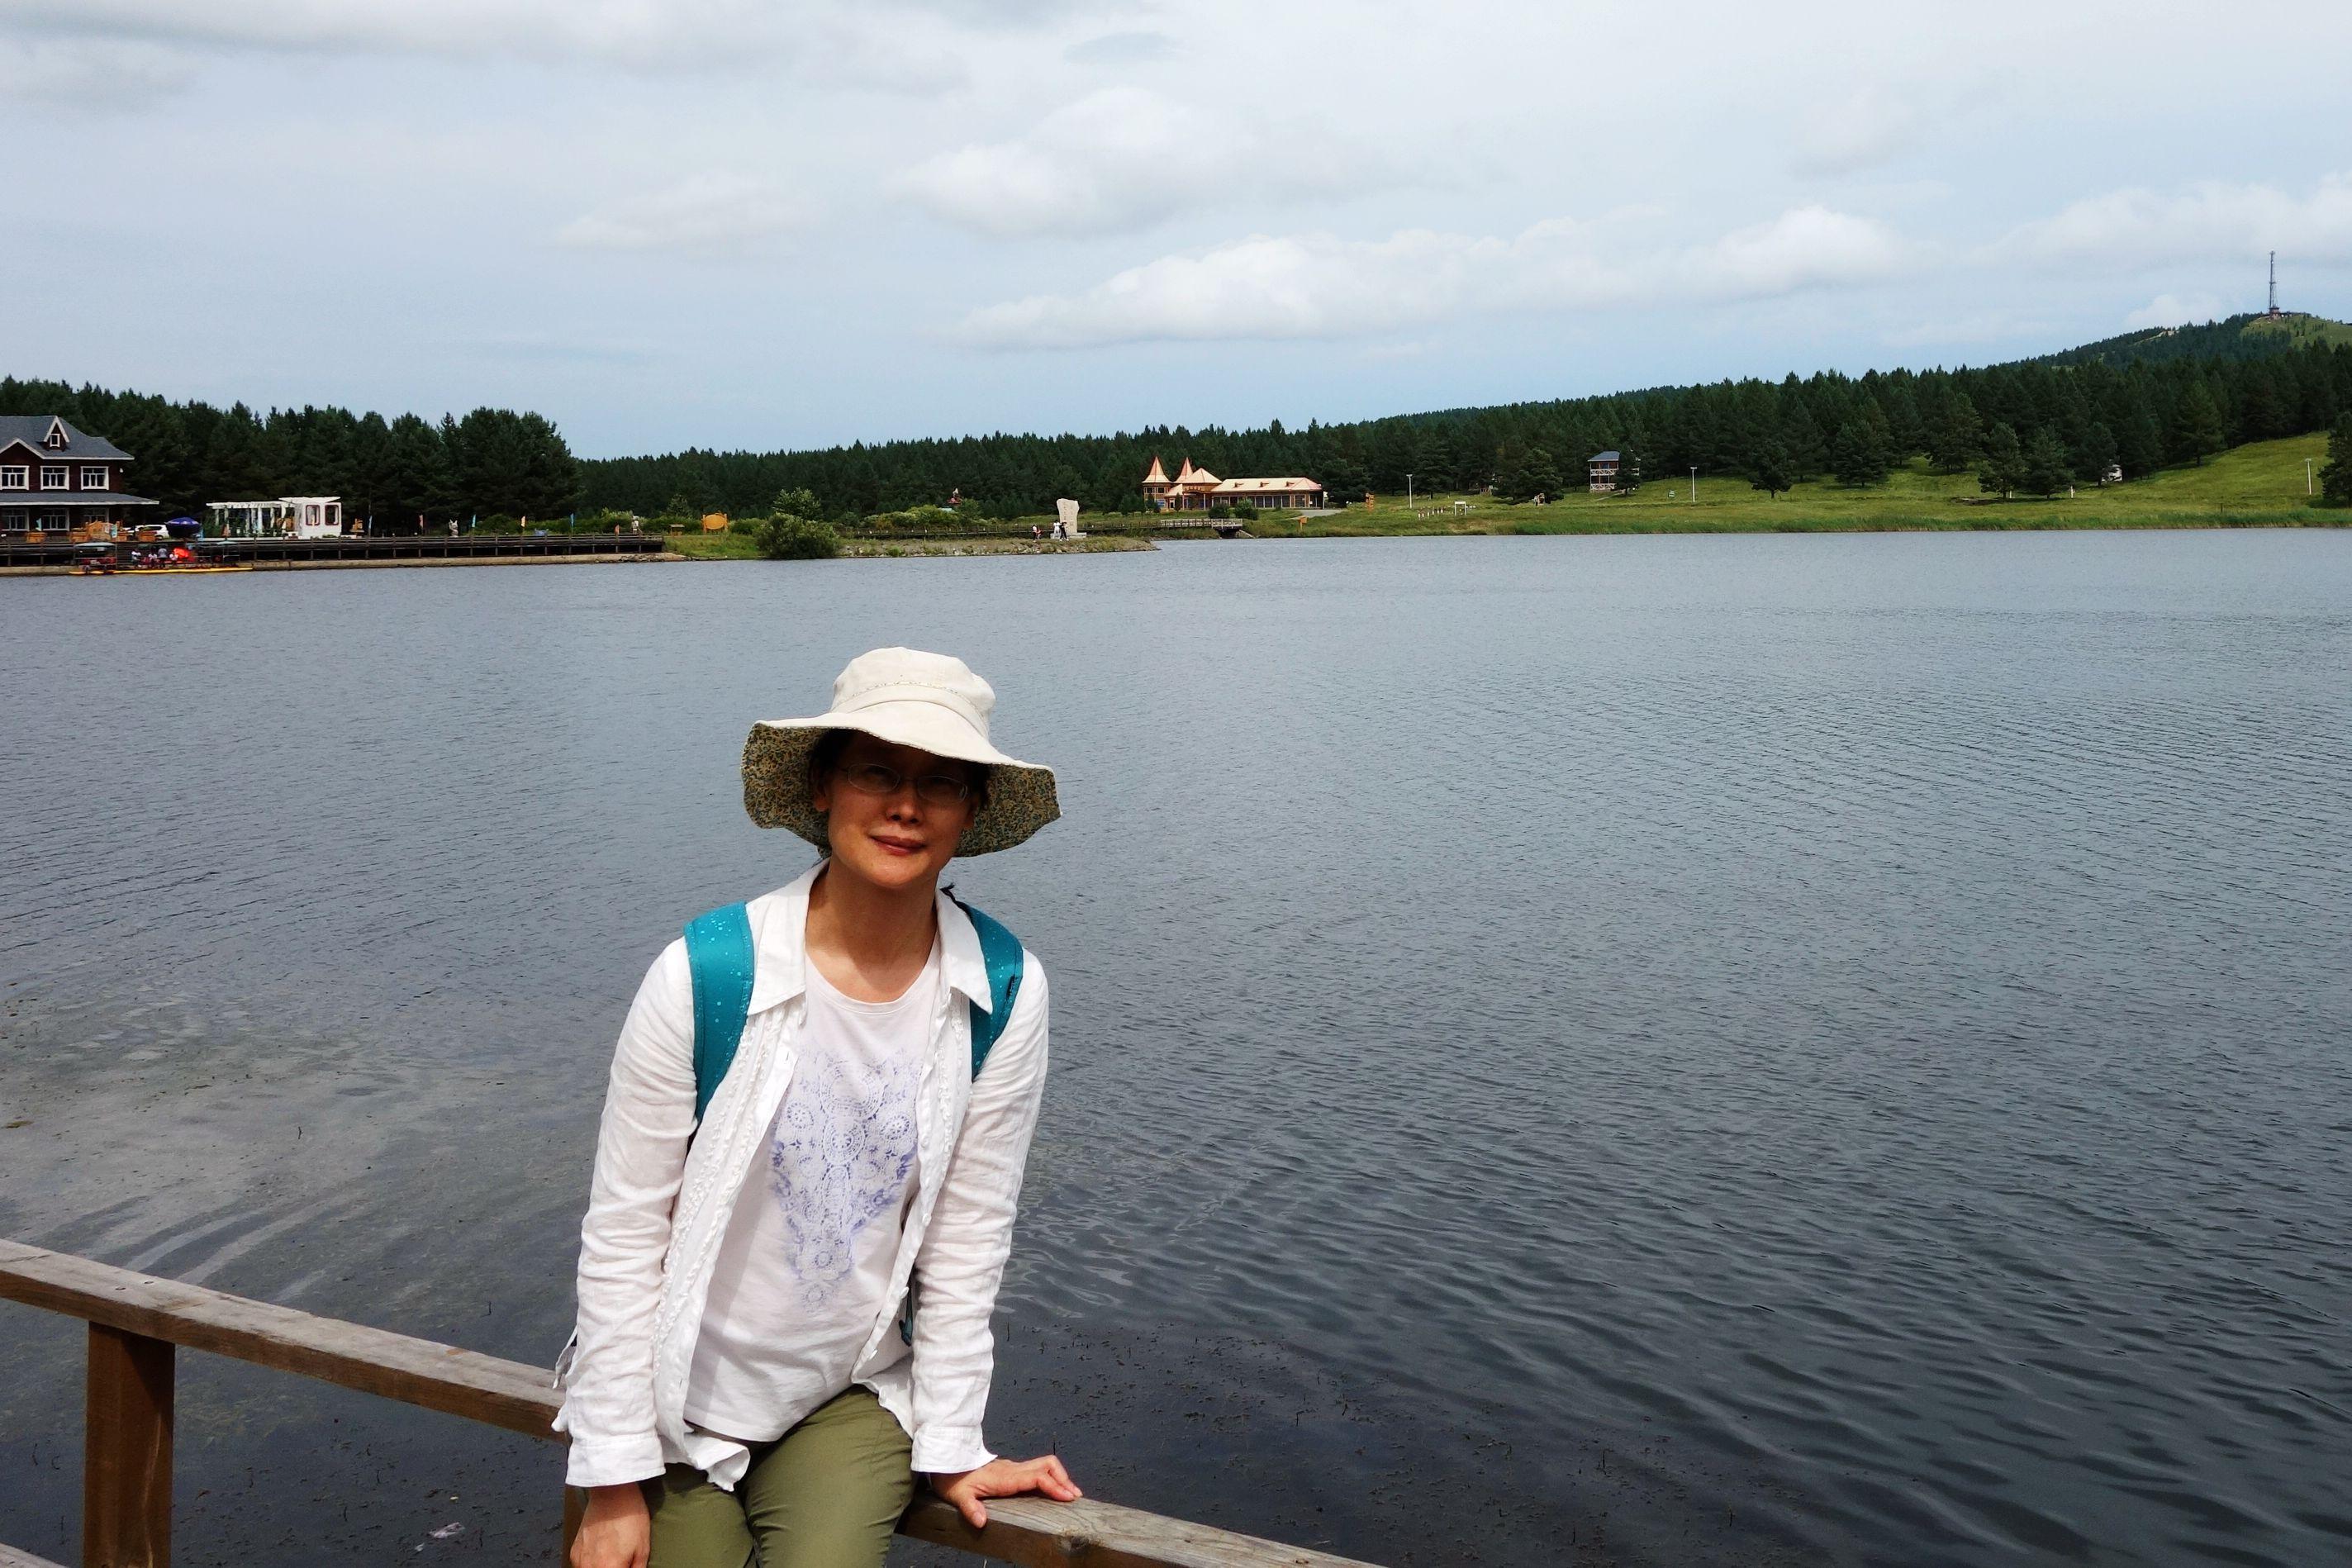 李斌,浙江大学经济学学士,青岛大学经济学硕士,现为青岛大学旅游与